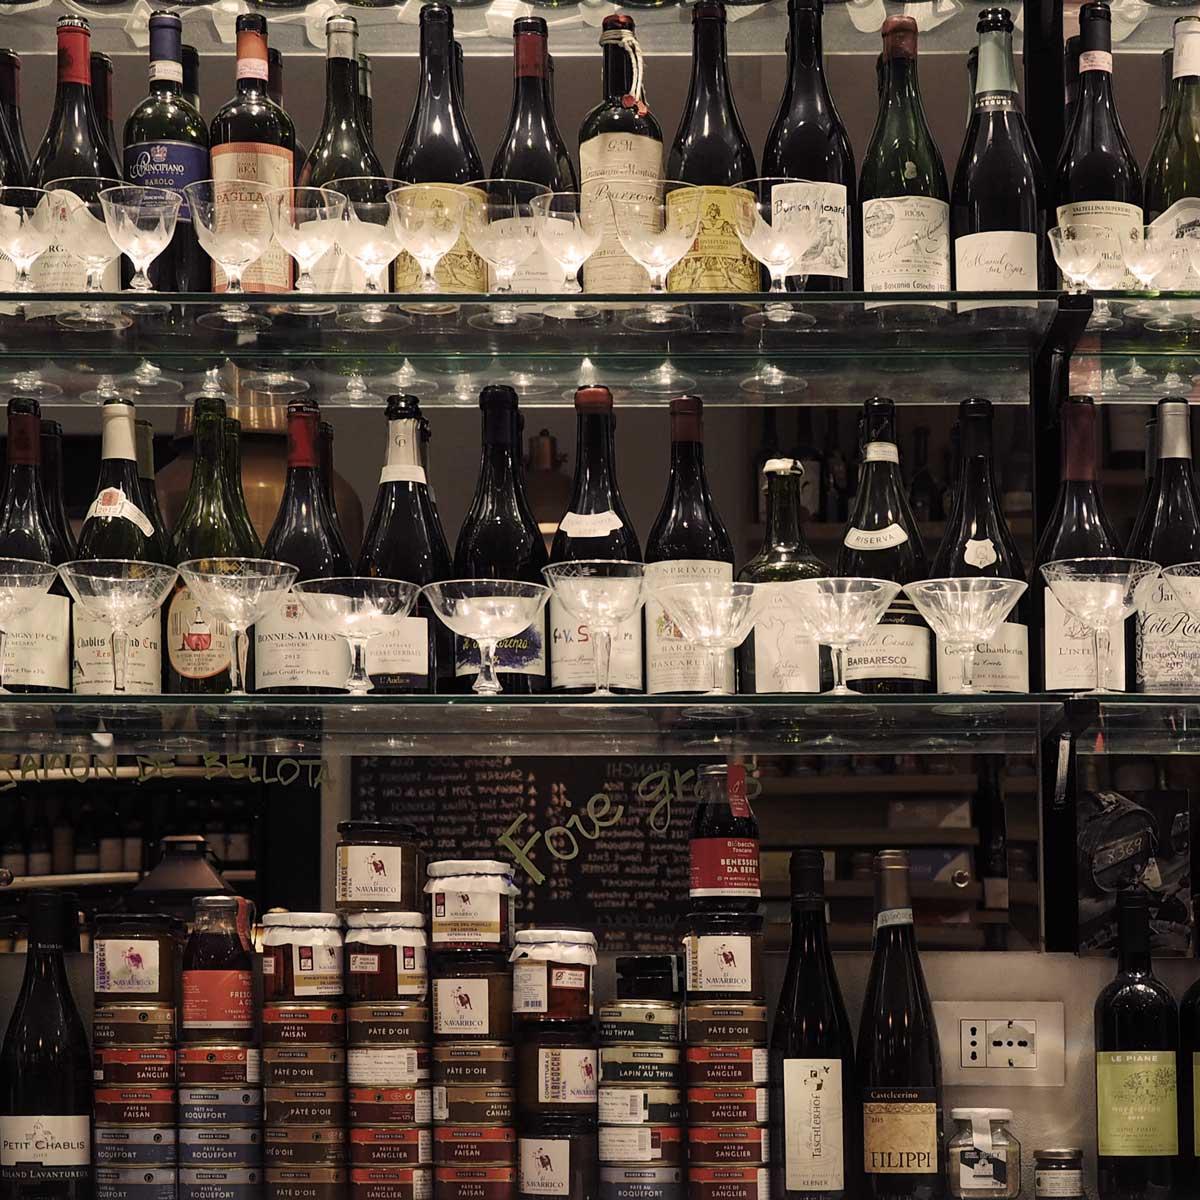 Enoteca al Risanamento catalogo vini